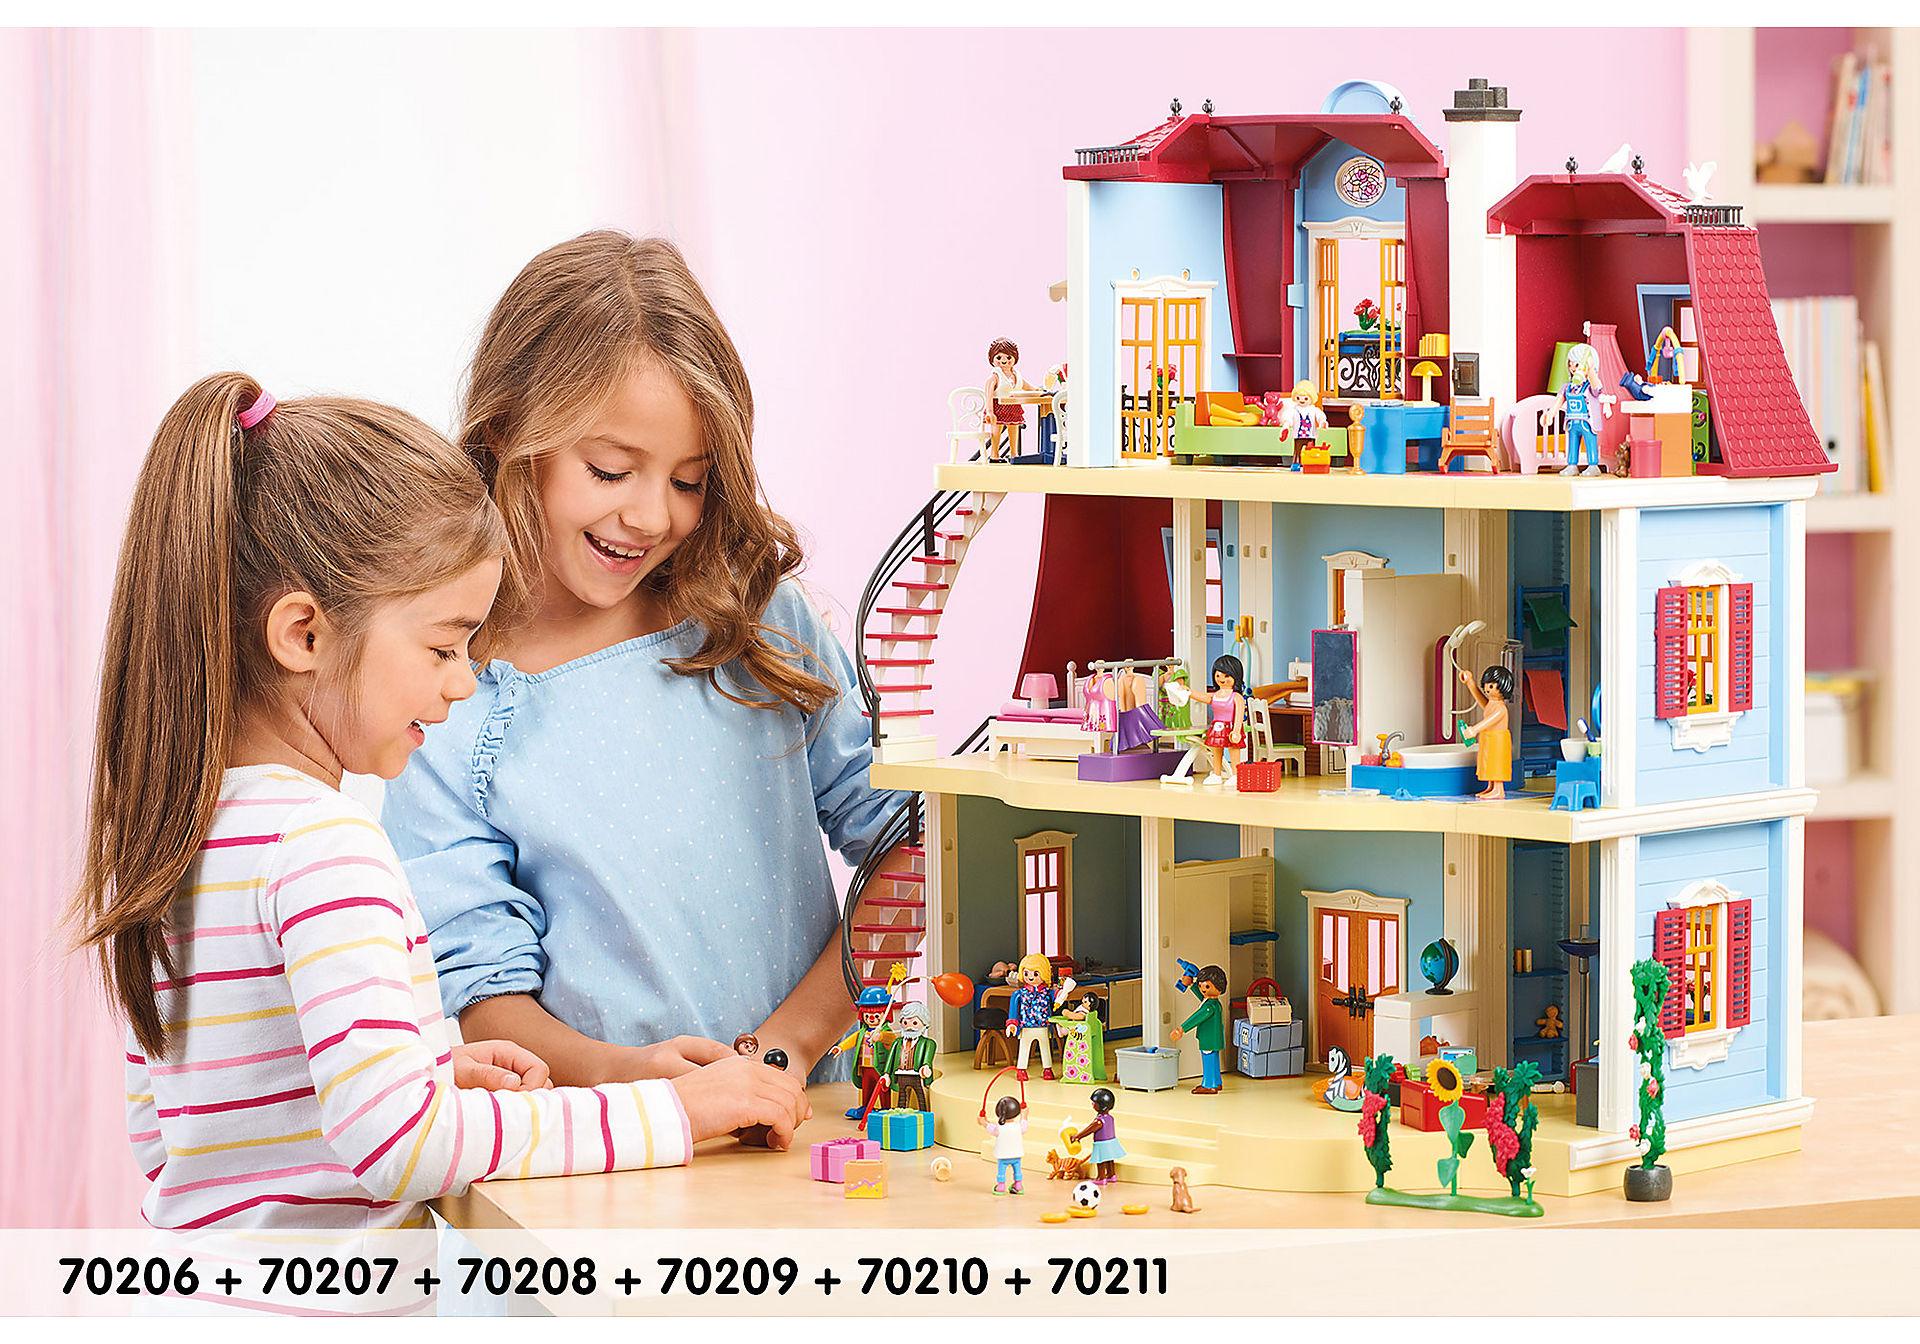 70205 Large Dollhouse zoom image8